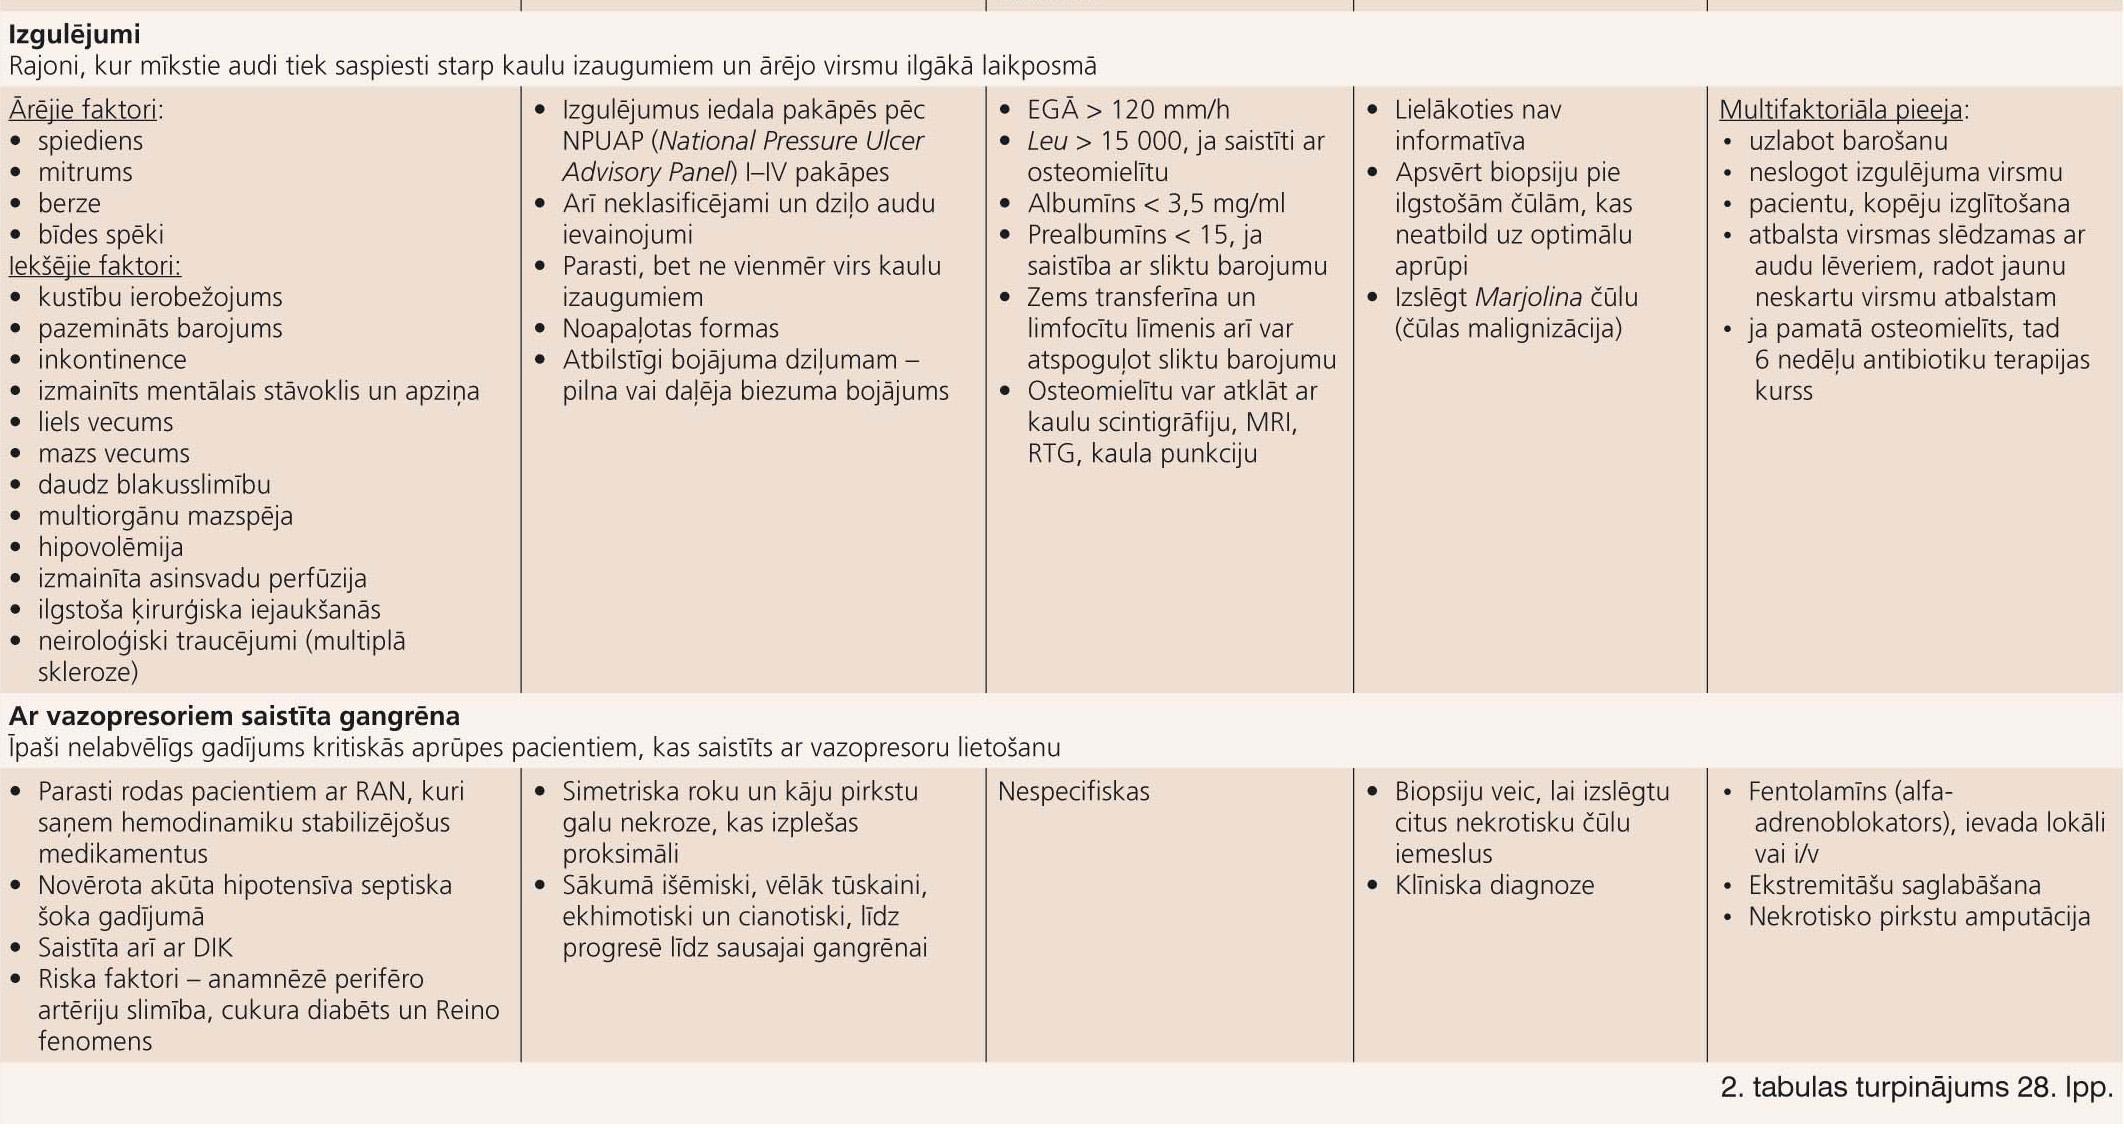 Tipisku un atipisku brūču diferenciāldiagnoze un ārstēšana